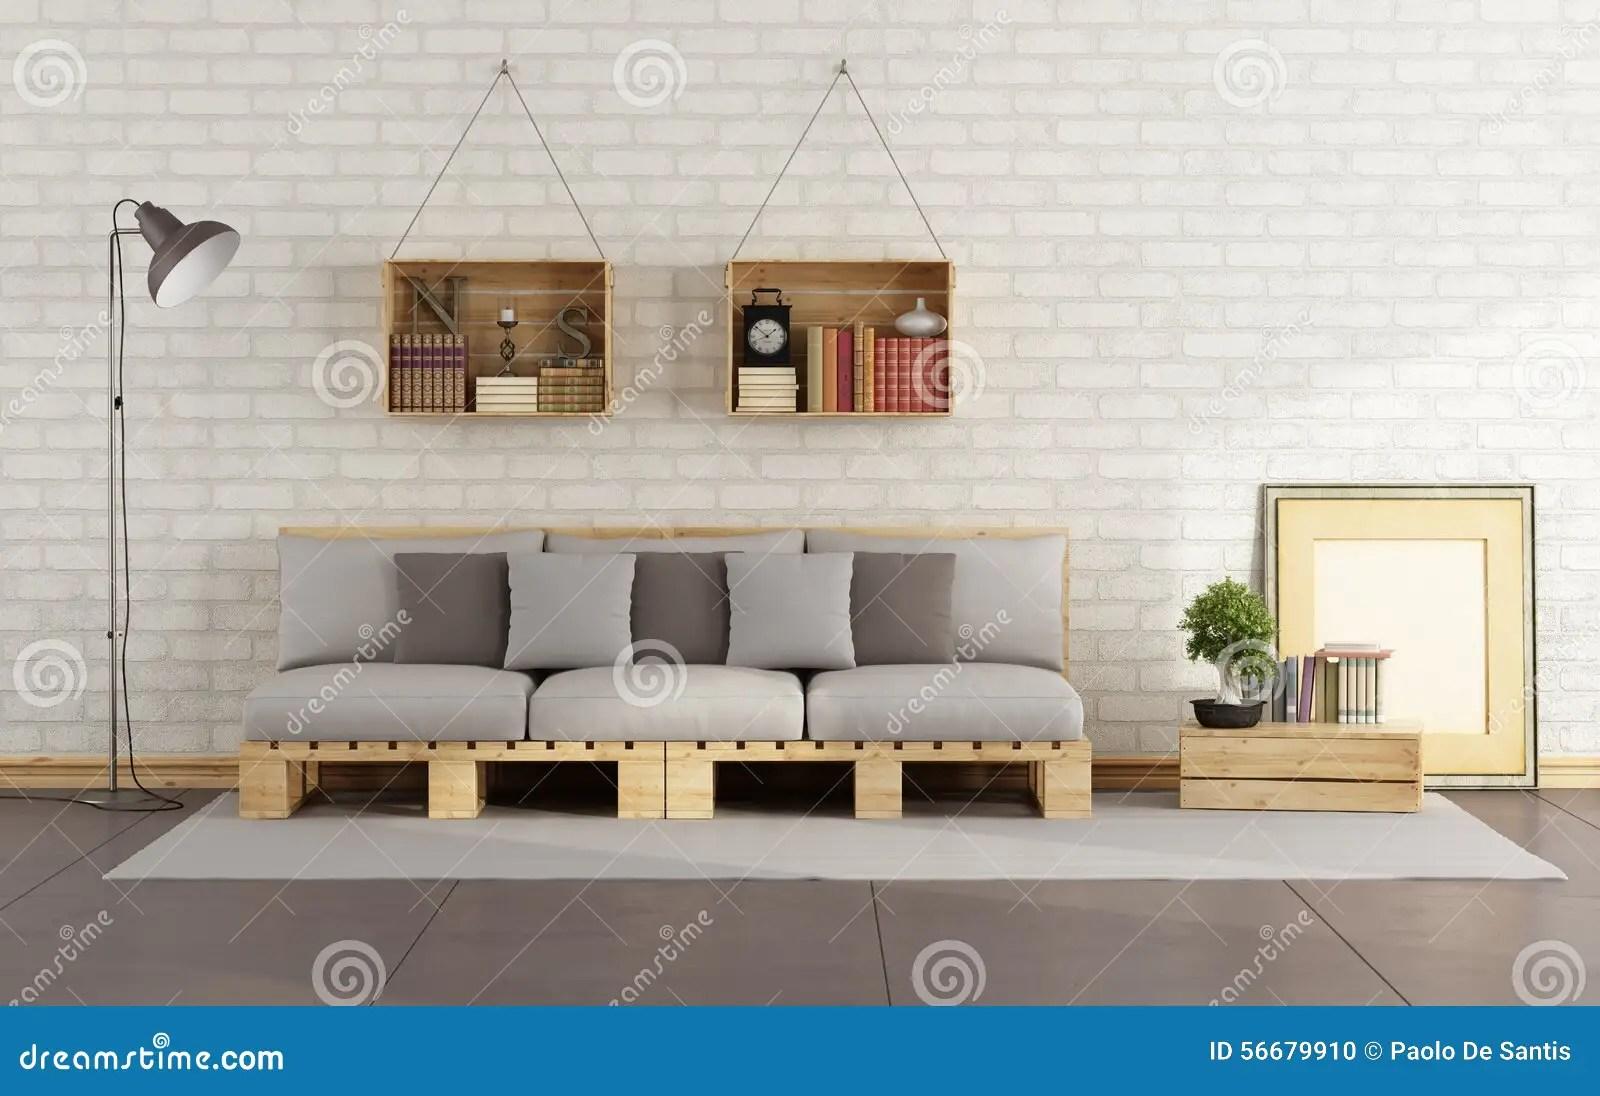 Wohnzimmer Mit Palettensofa Stock Abbildung  Illustration